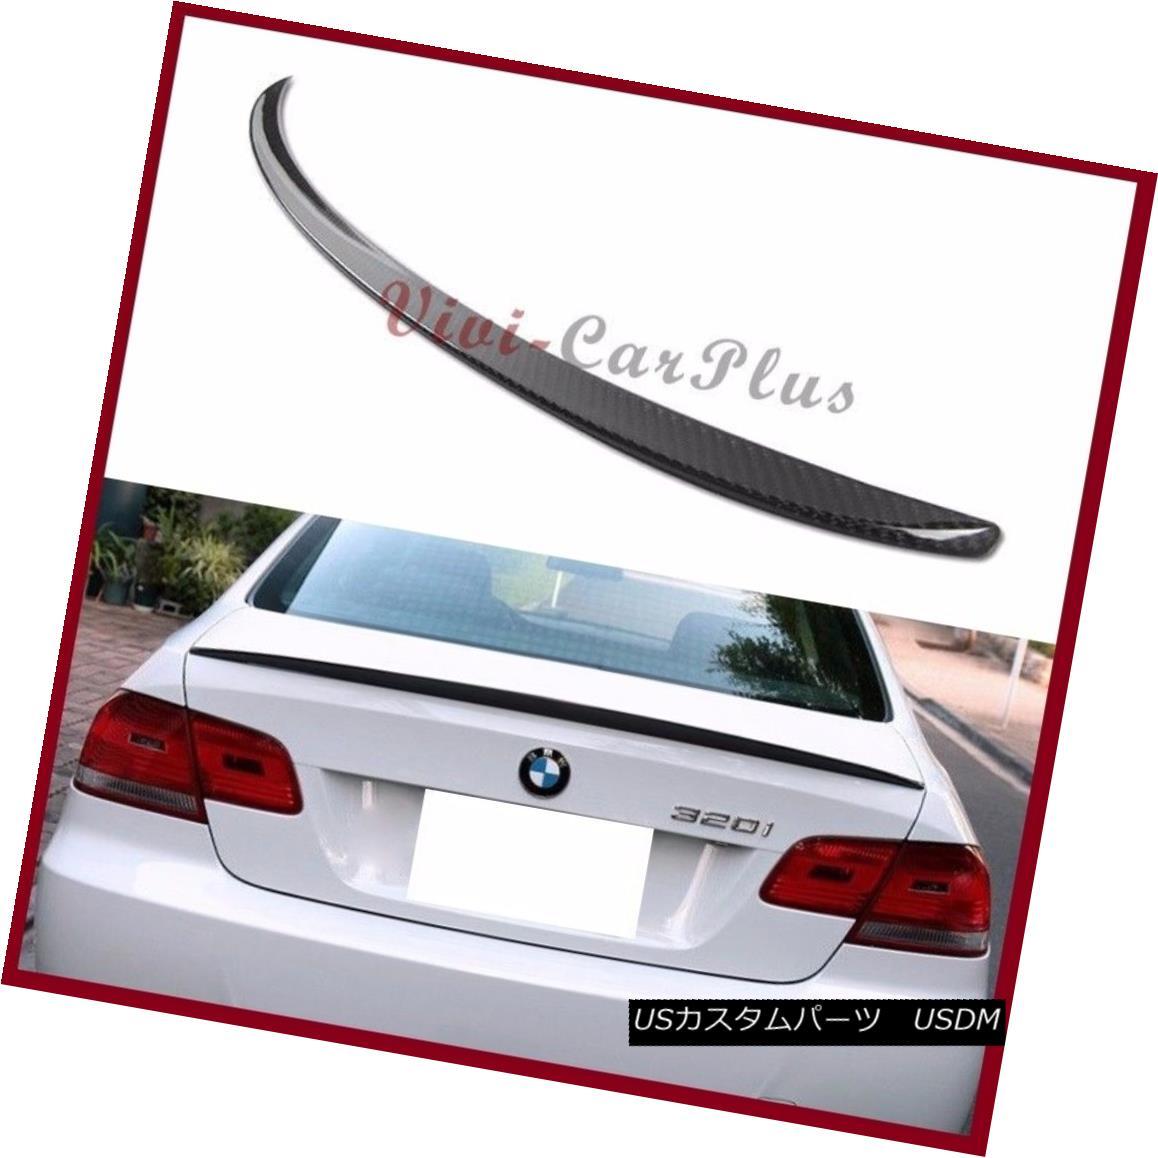 エアロパーツ M3 Type Trunk Spoiler 3K Carbon Fiber Boot For 07-2013 BMW E92 325i 328i 335i M3 M3タイプトランクスポイラー3K炭素繊維ブーツ、07-2013 BMW E92 325i 328i 335i M3